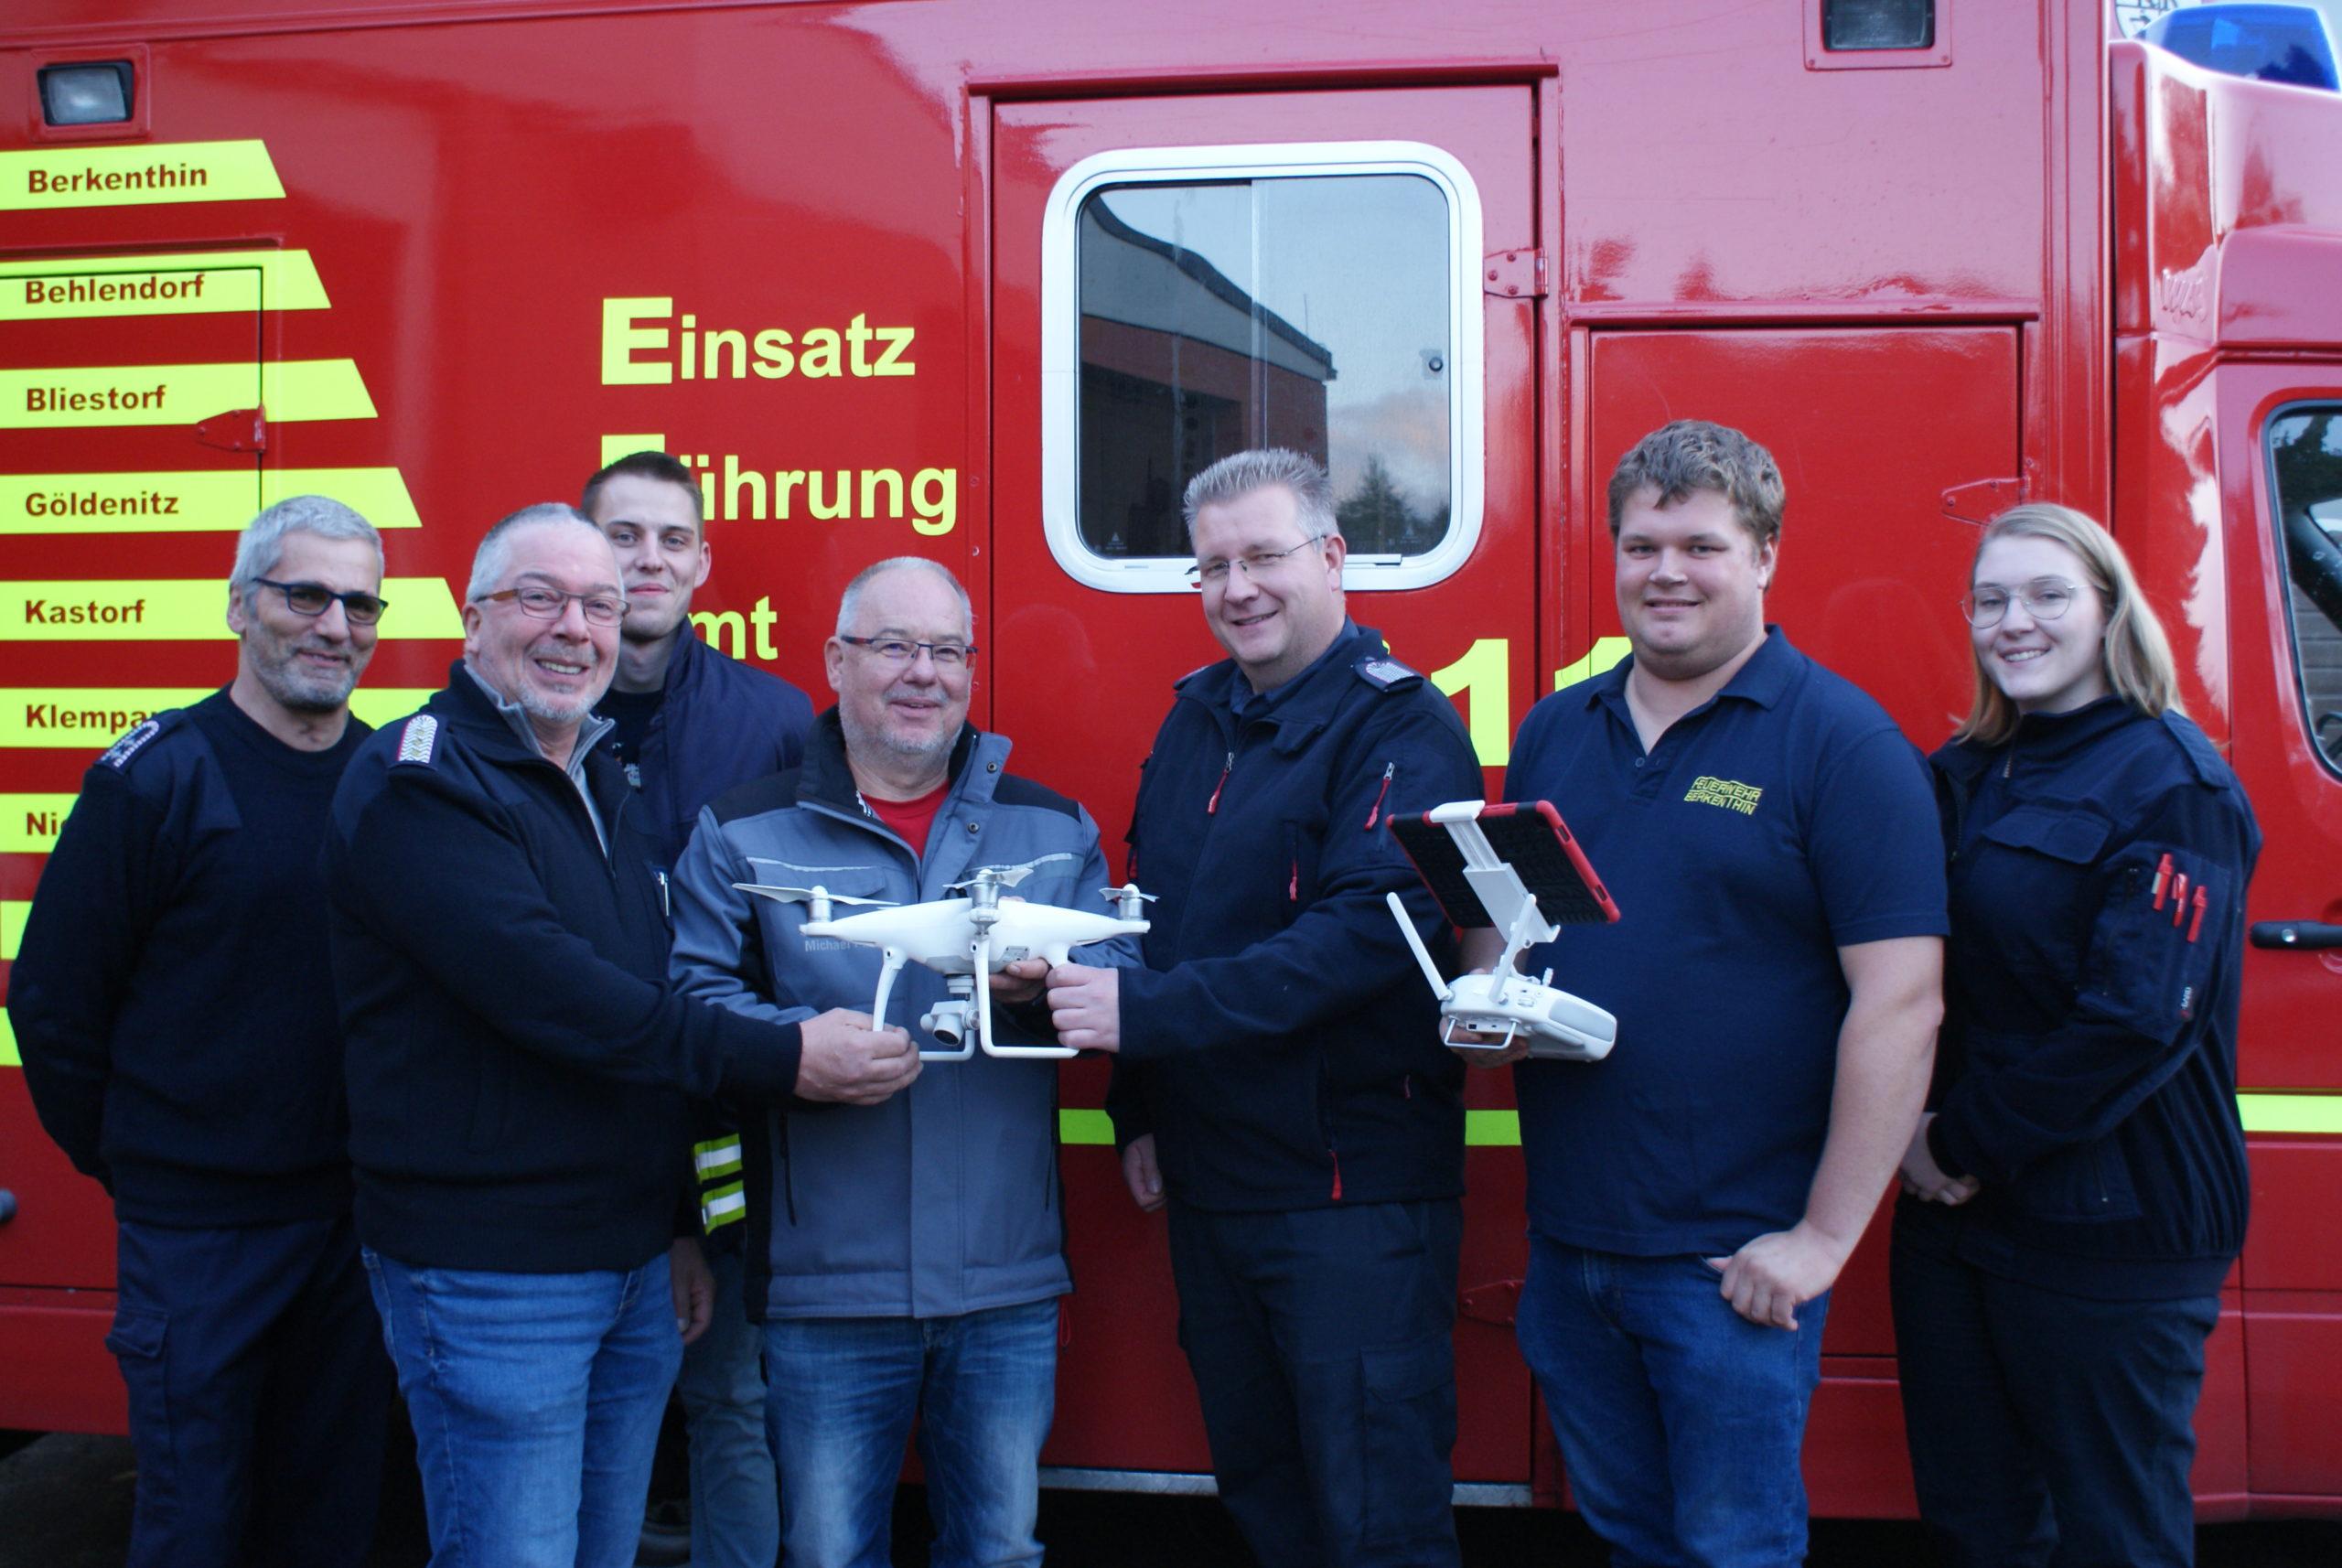 Feuerwehr Berkenthin Stellt Drohne In Betrieb